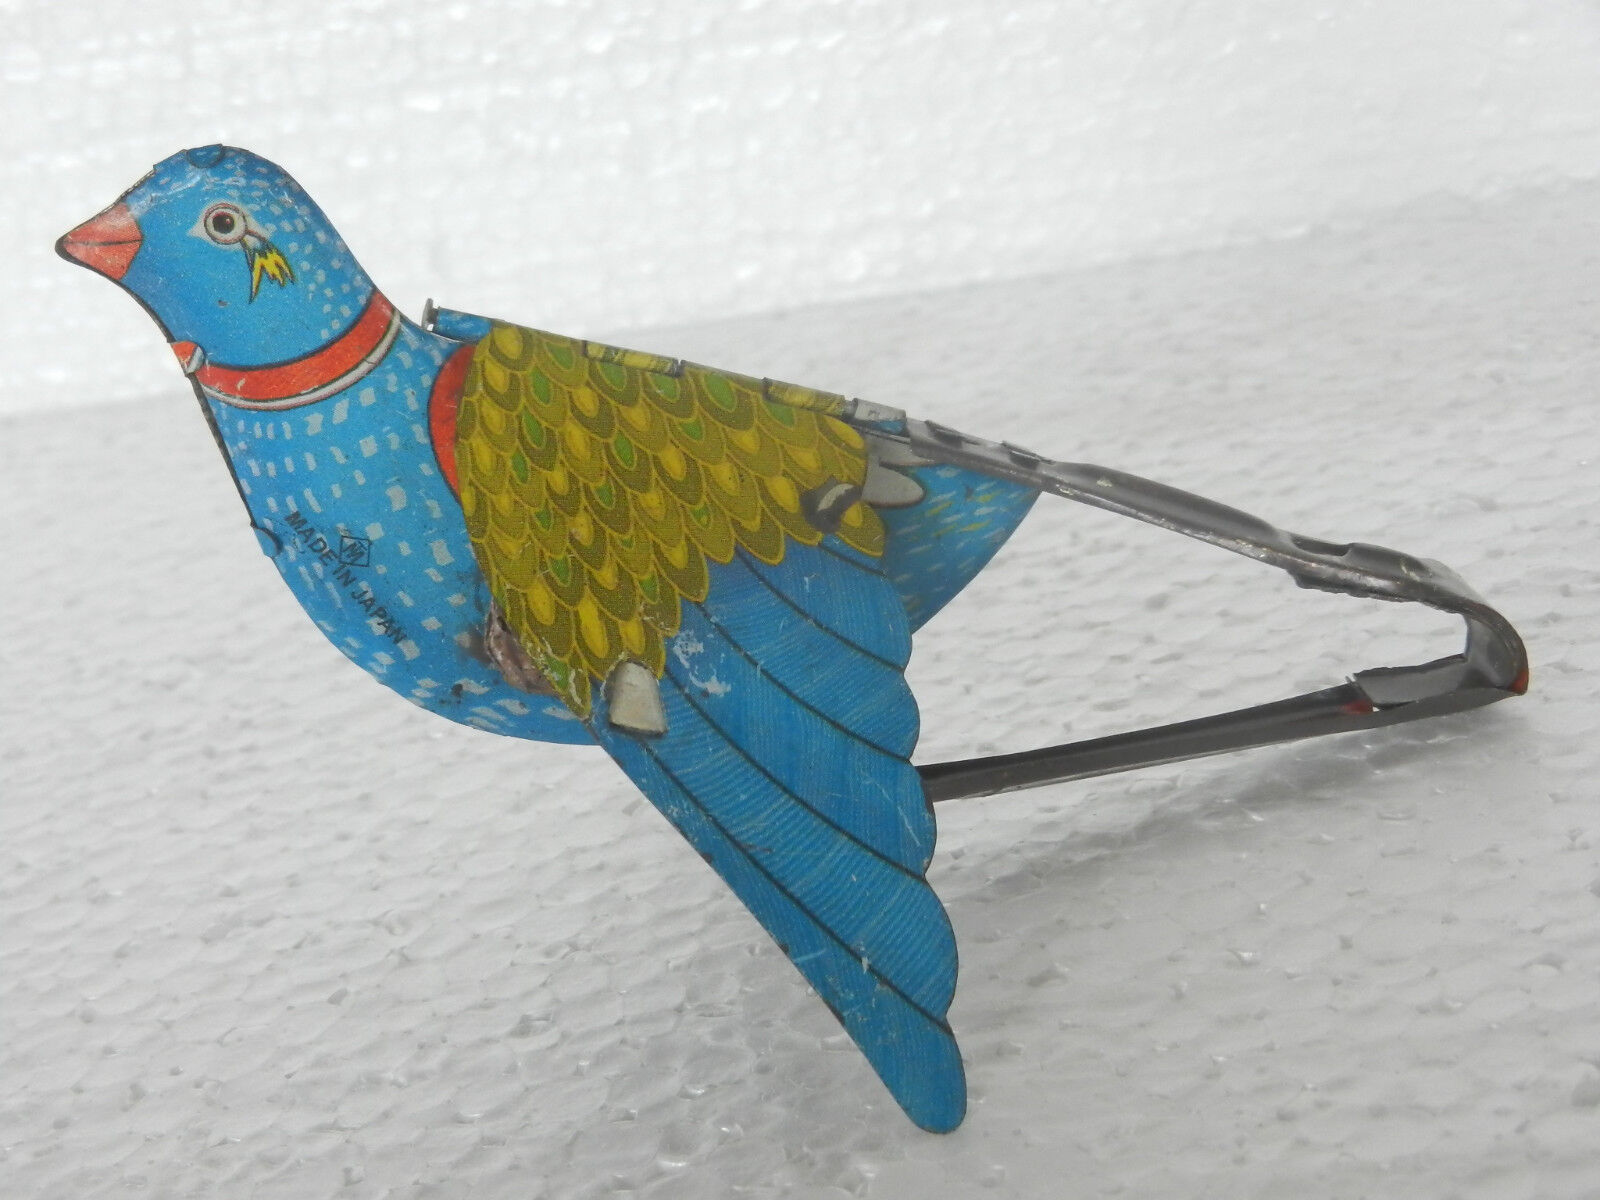 Vintage Mt Marca Flying Bird Litografía Estaño Squeeze Juguete, Japón